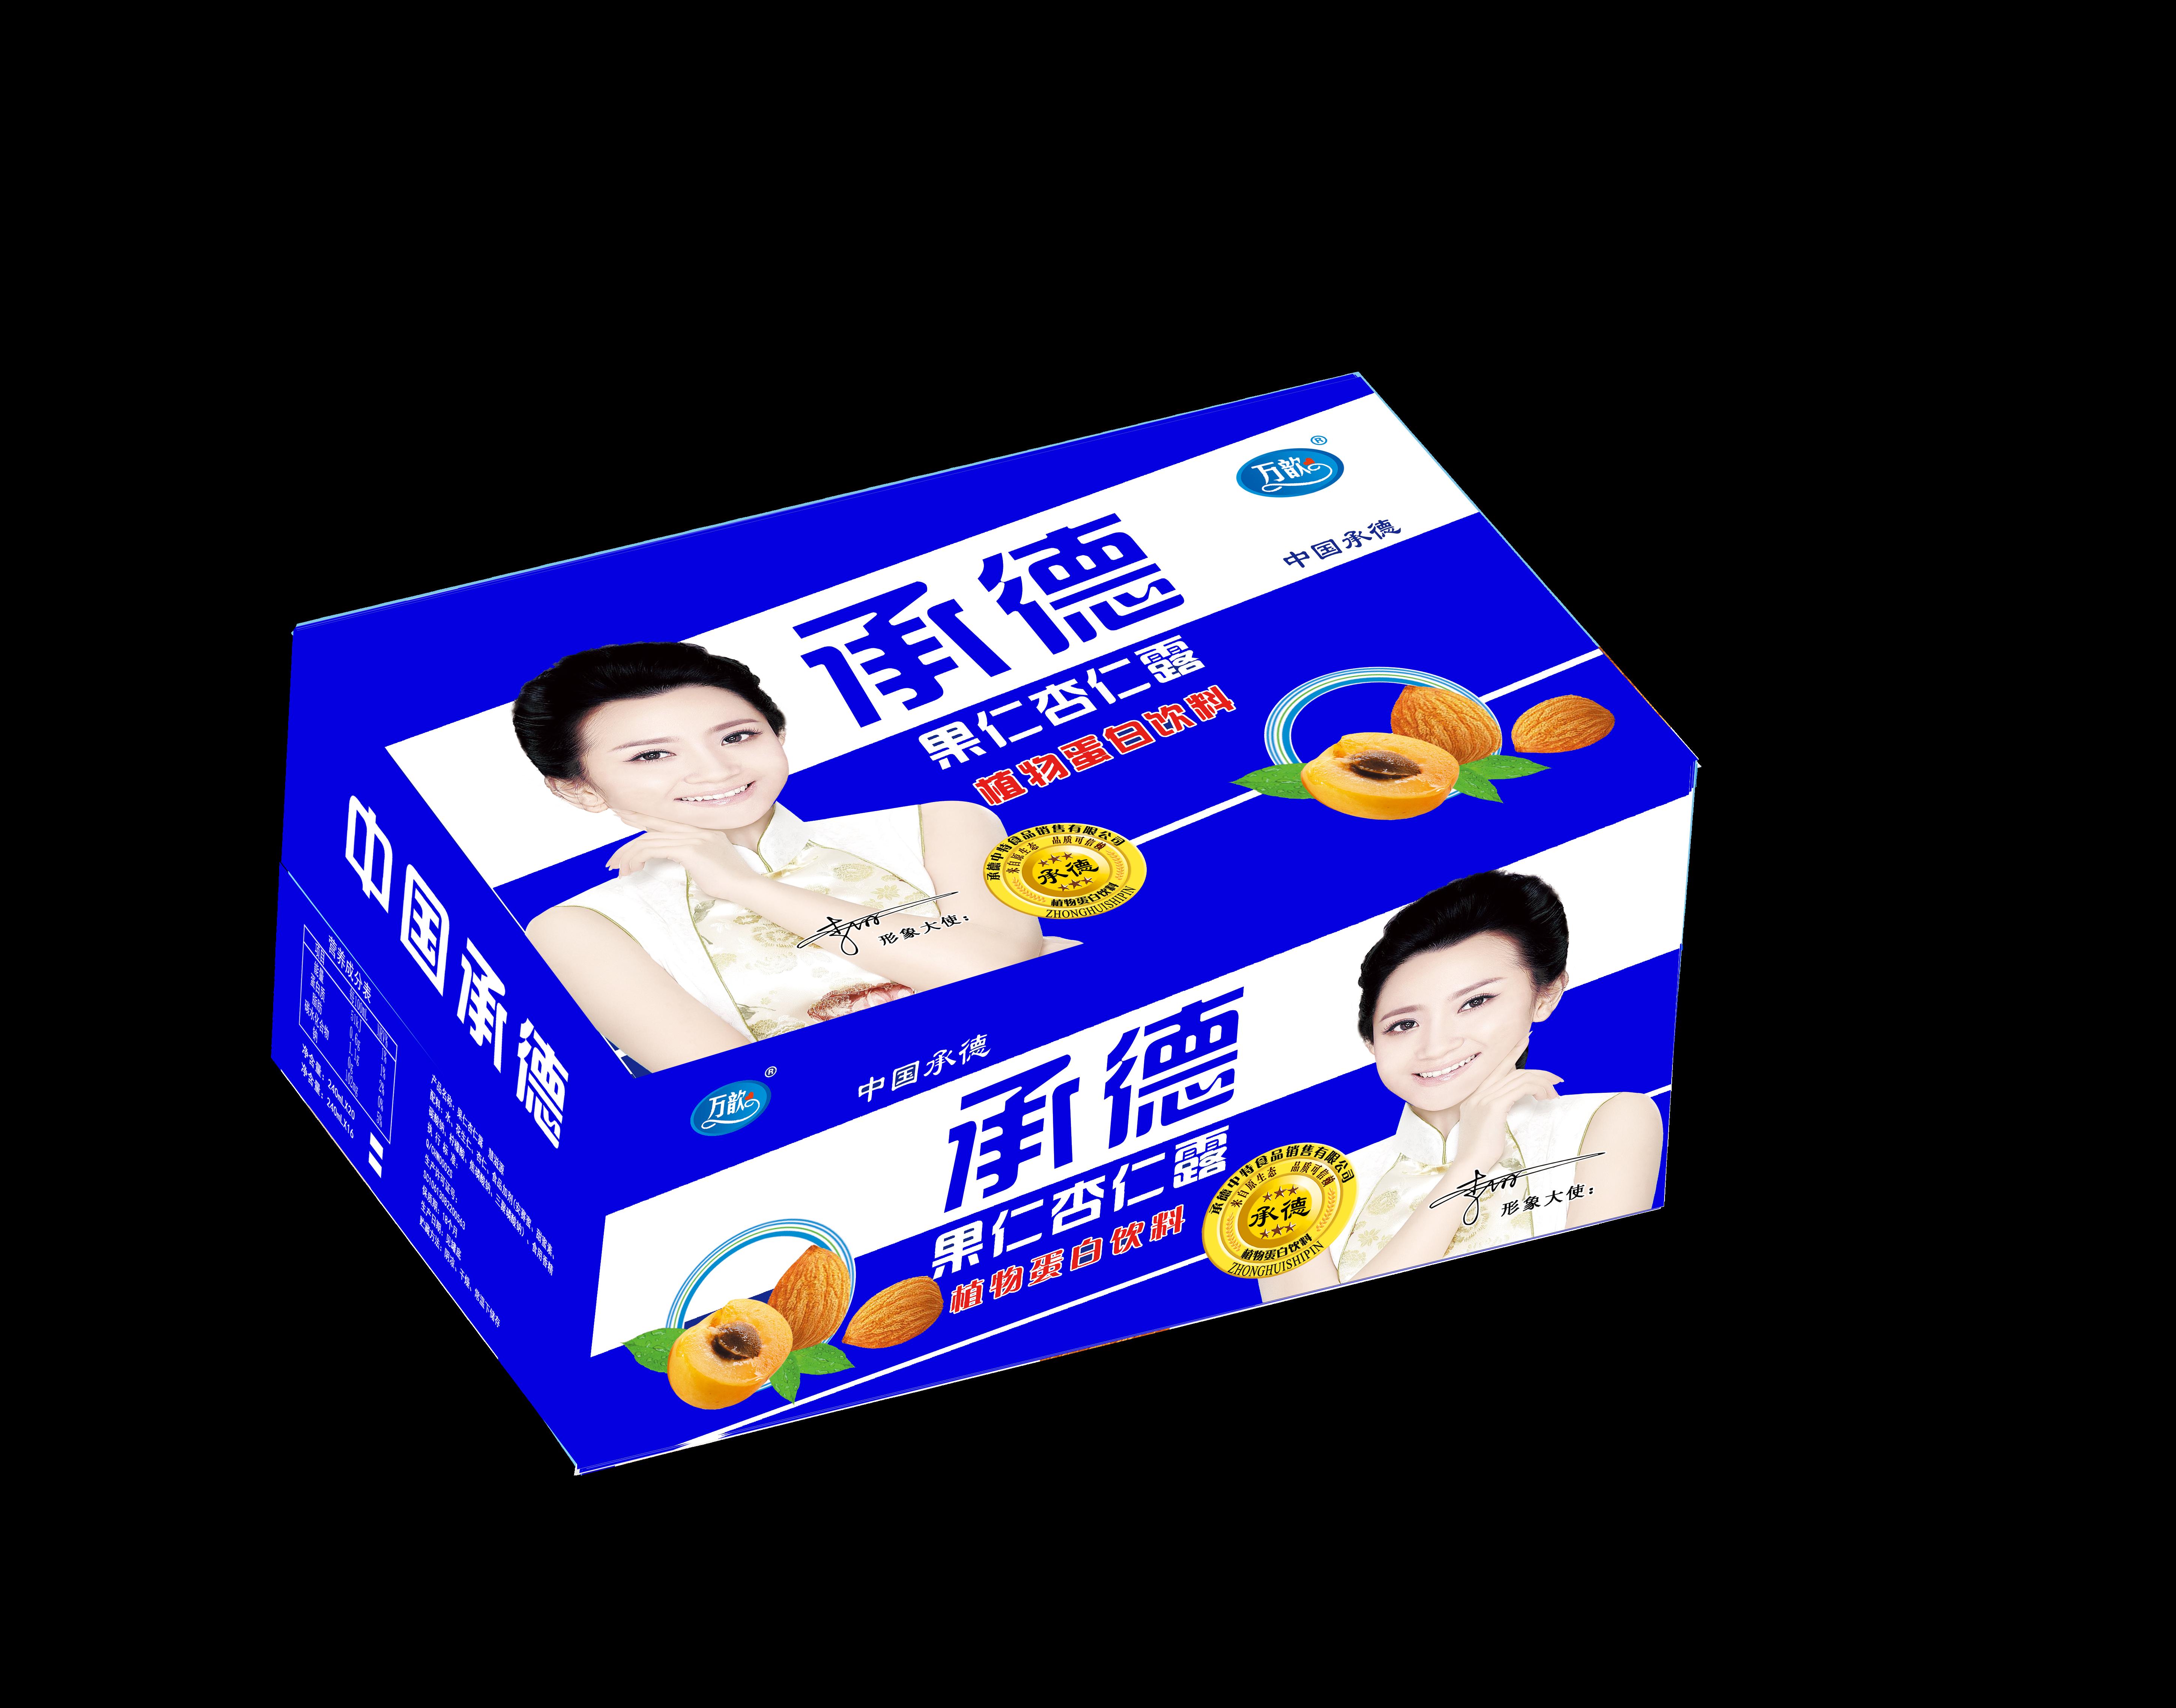 承德贝博赞助西甲食品1销售有限公司所有包装图片定稿